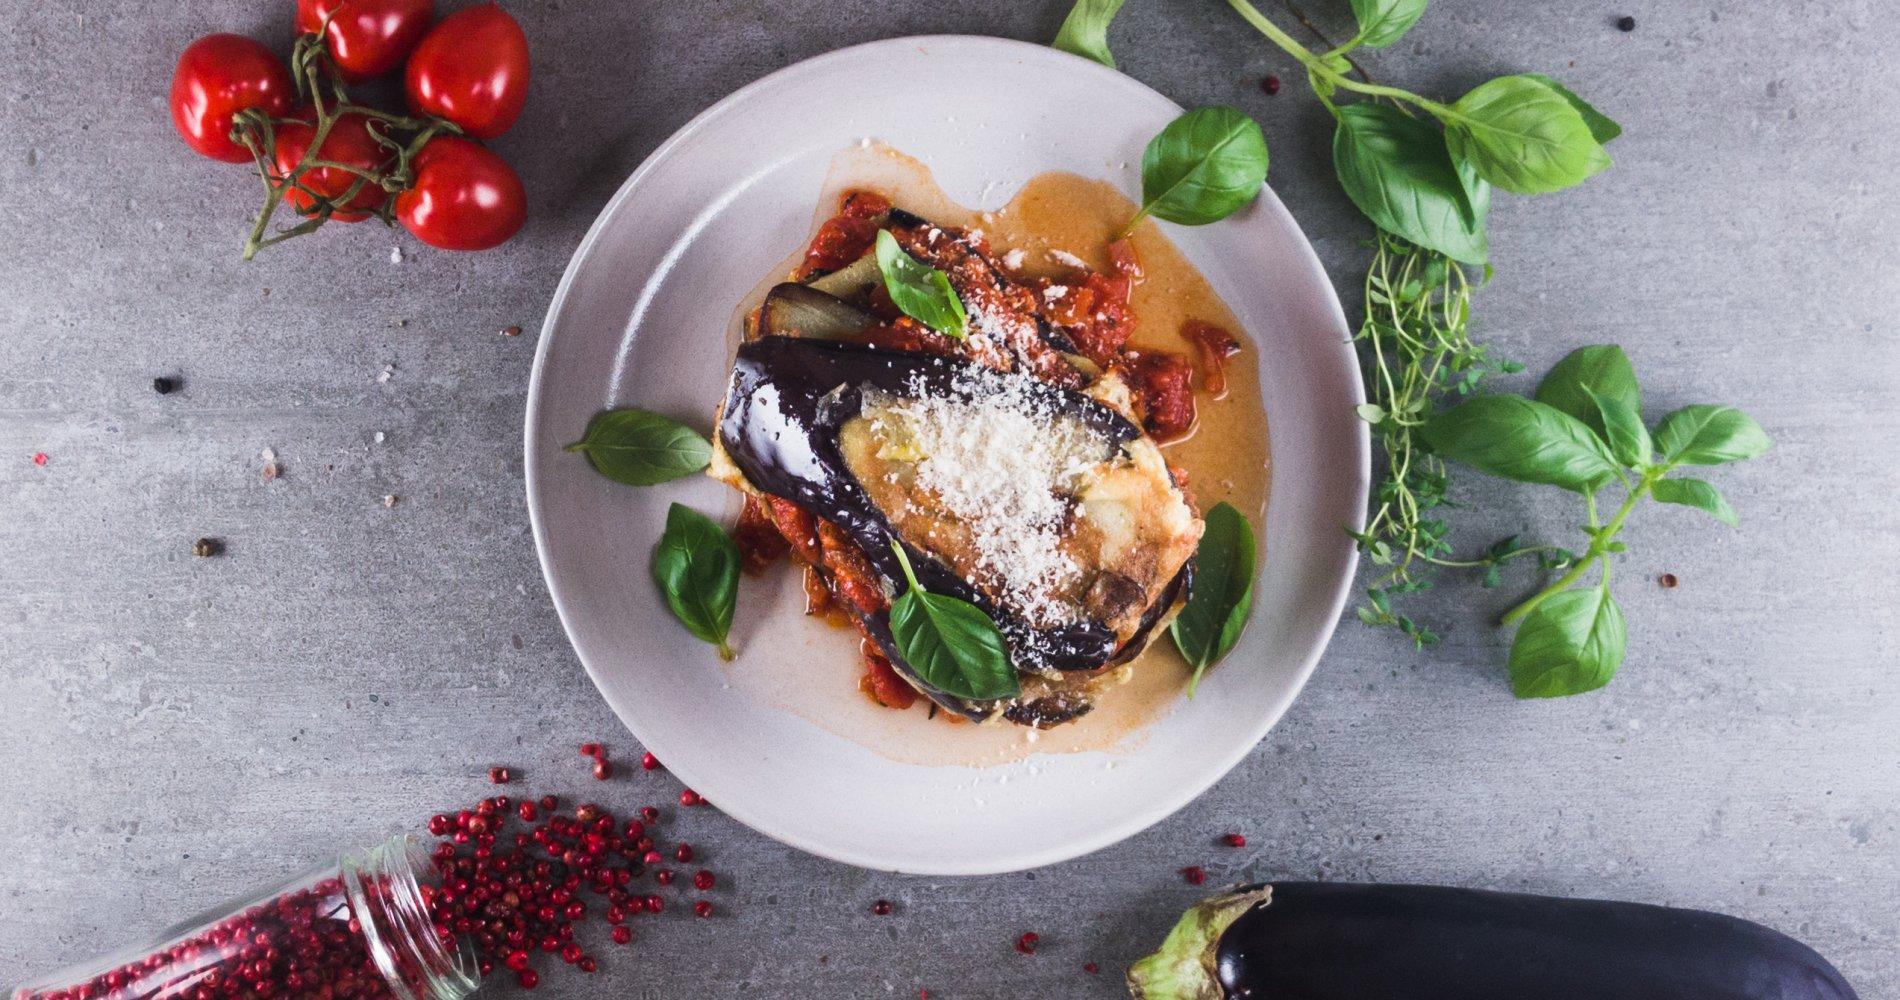 Rezept Low Carb: Auberginenlasagne vegetarisch - LCHF-gesund.de